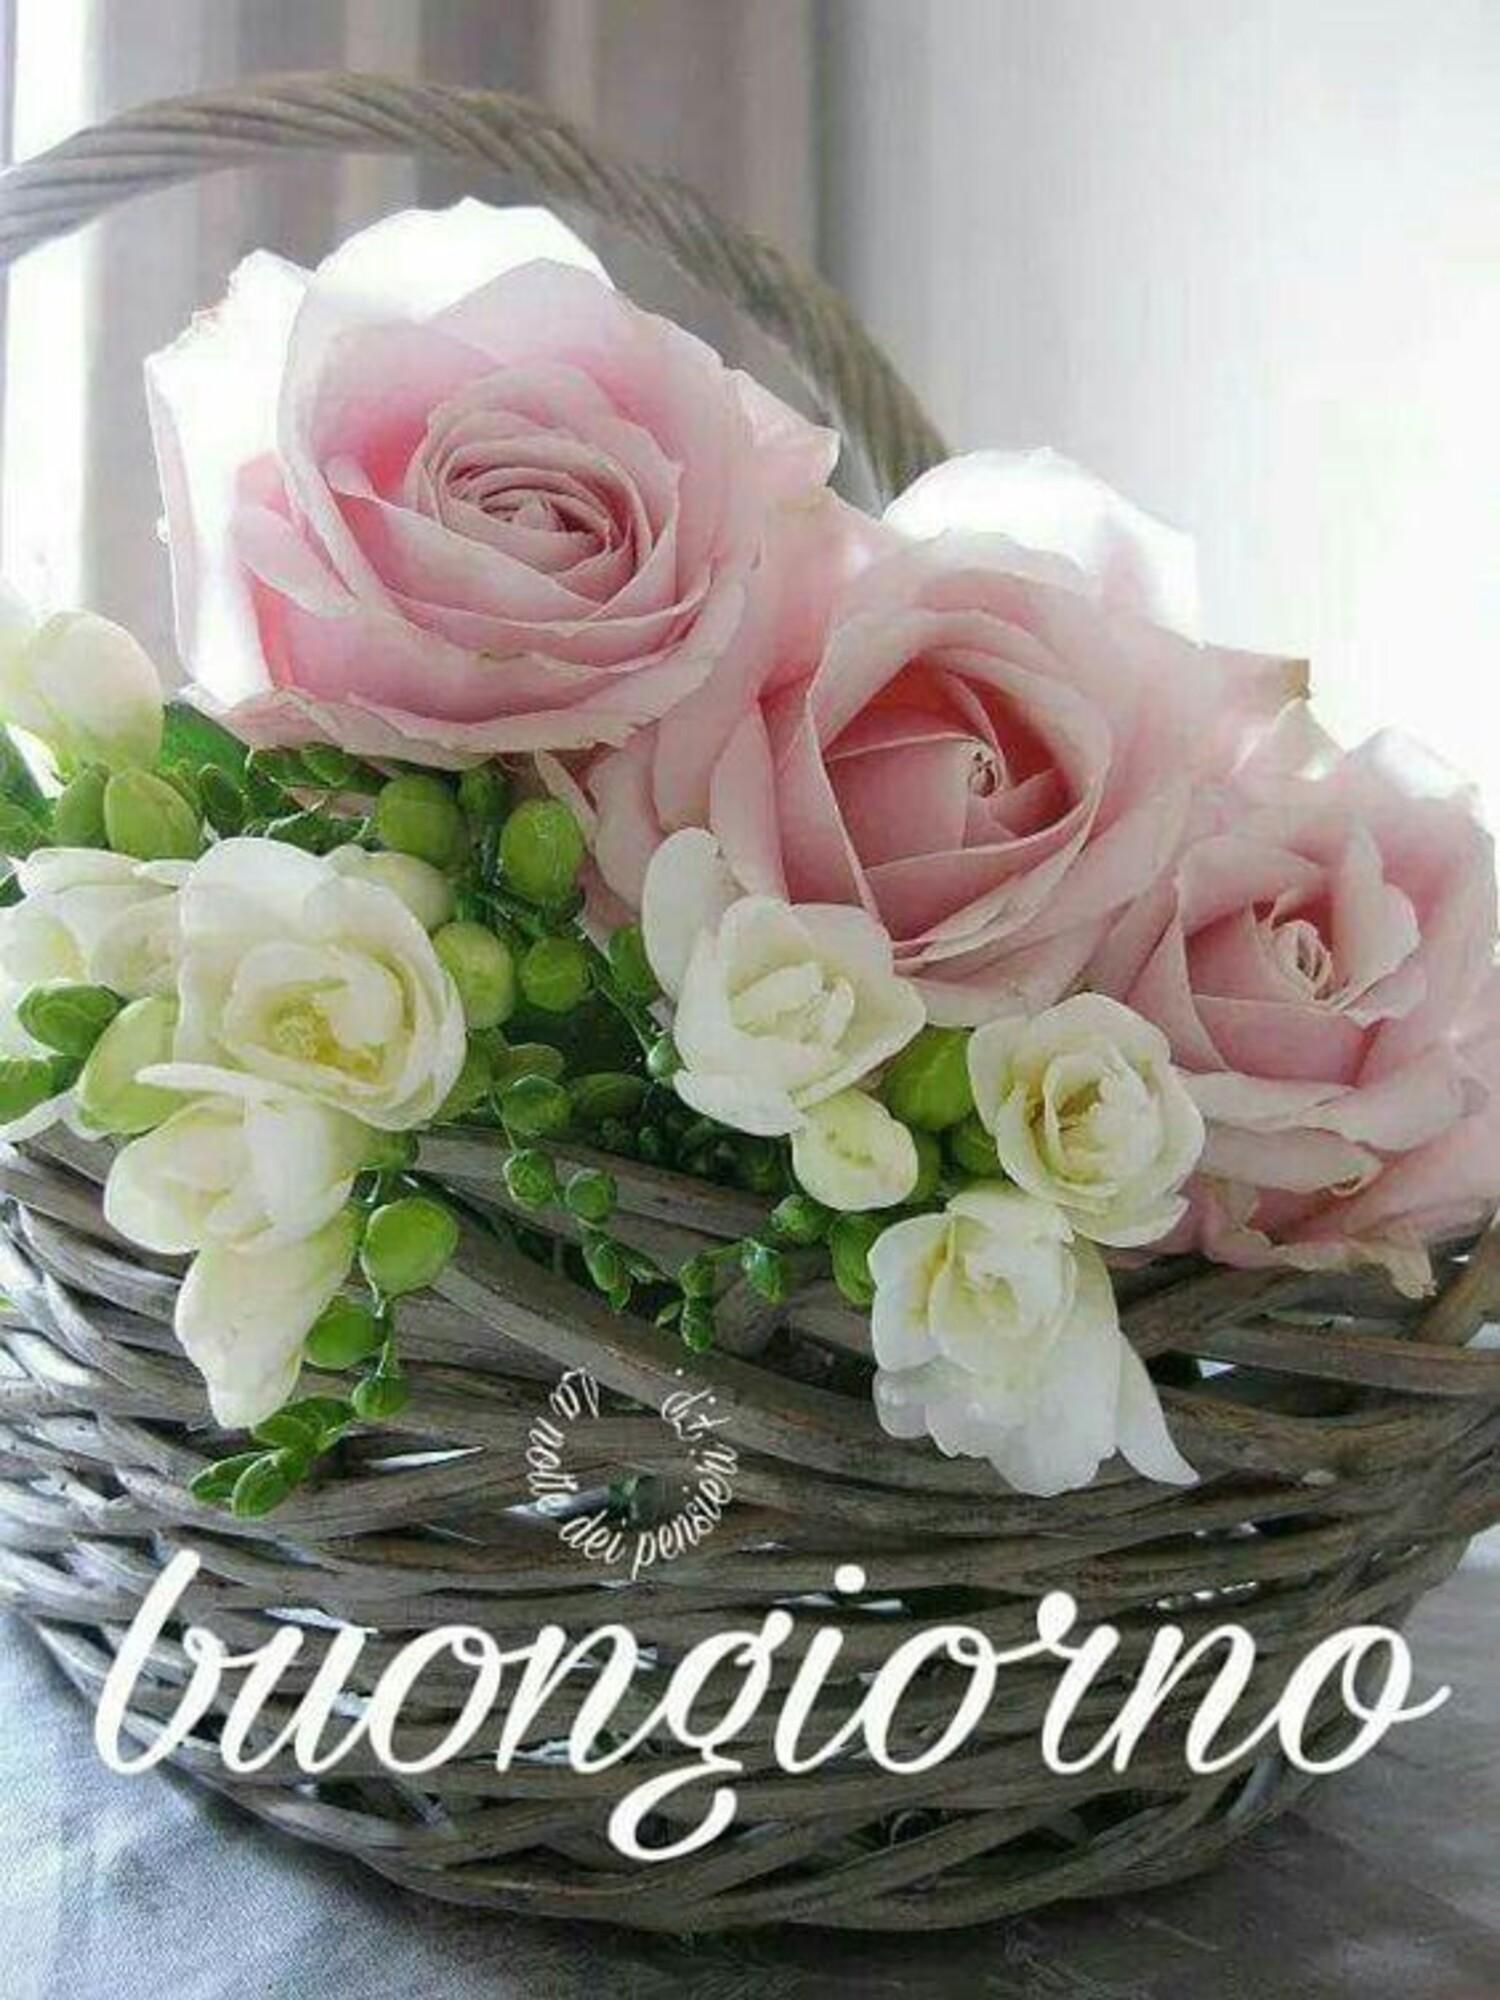 Buongiorno con i fiori